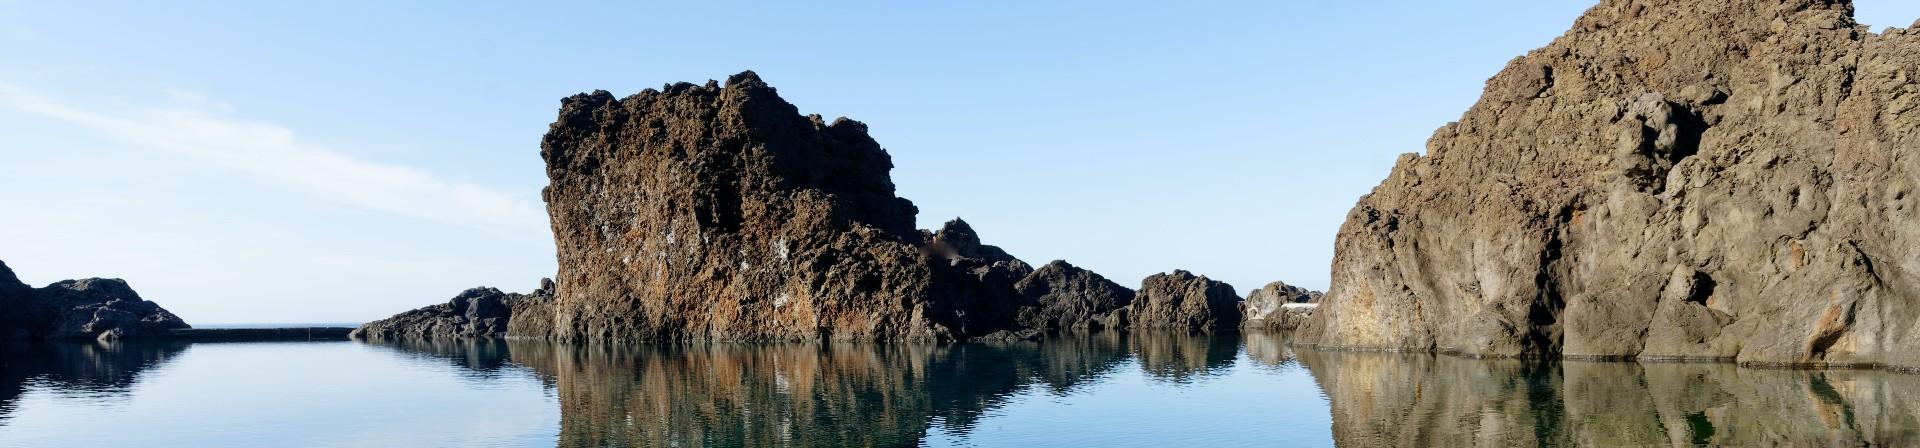 Oplev Levada do Norte på din rejse til Portugal